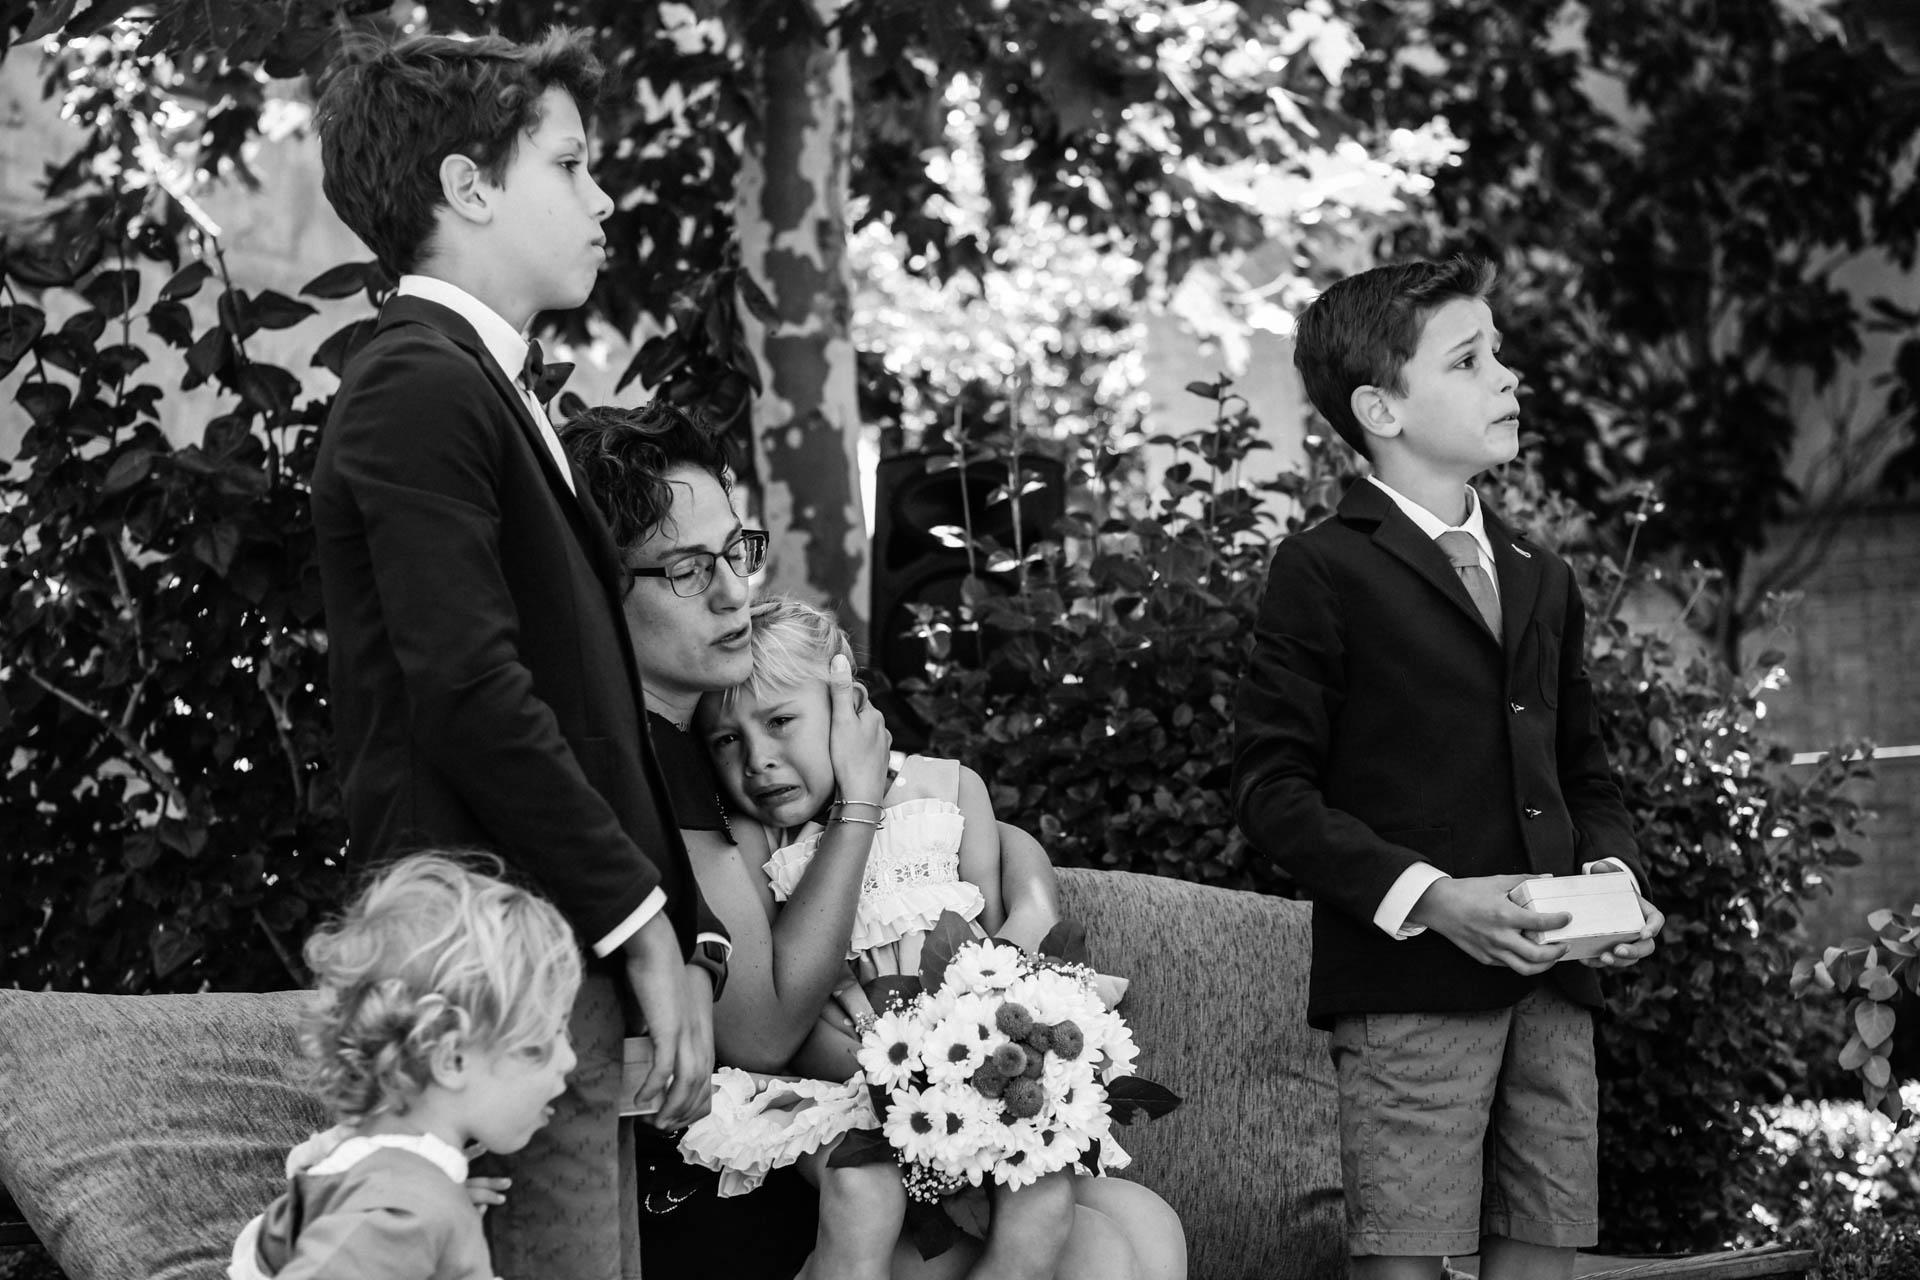 emociones en una boda al aire libre